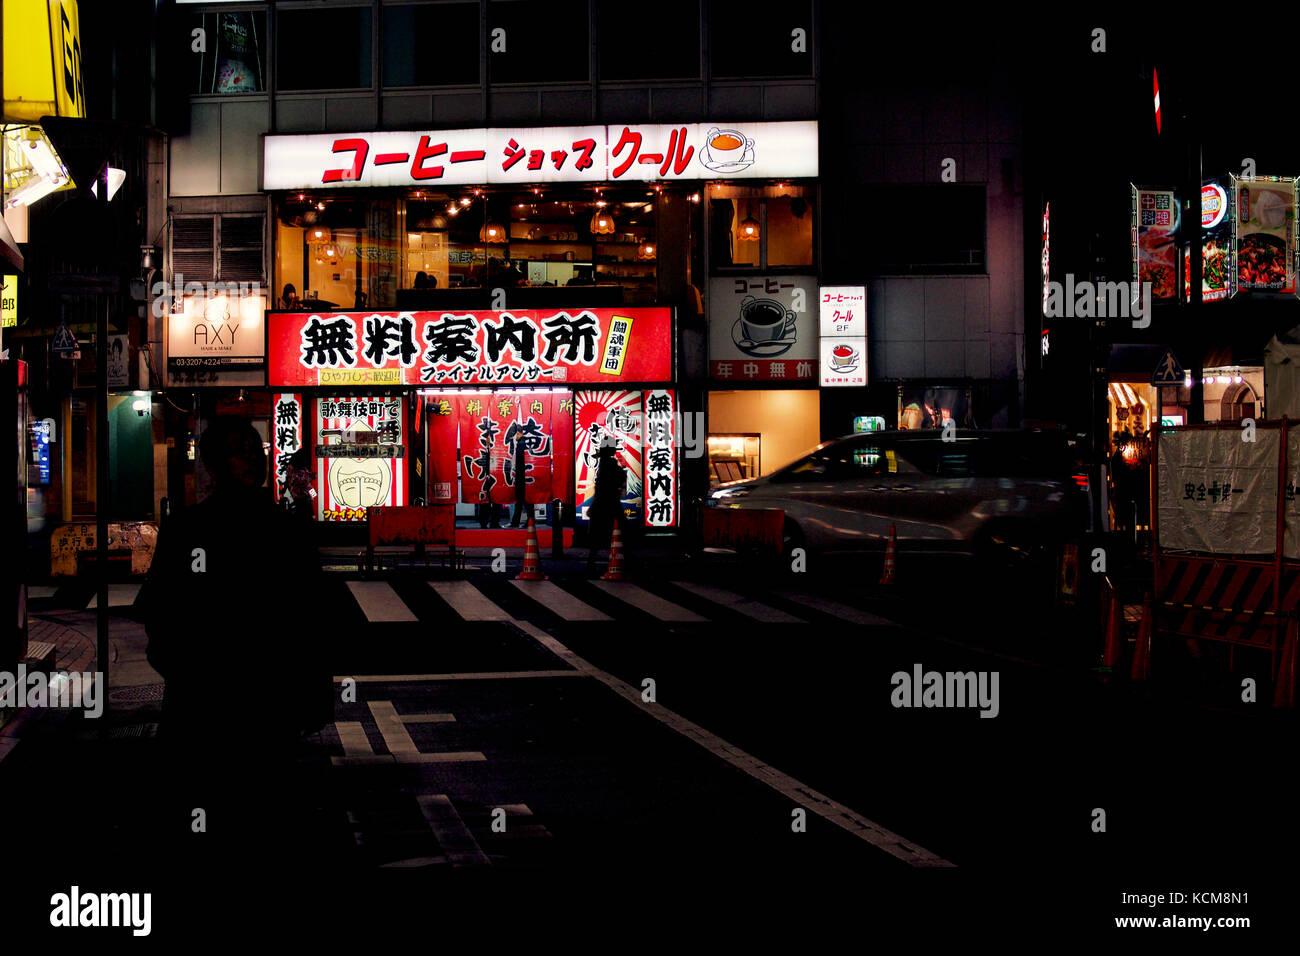 Fuzoku (Prostitution) Information Centre at Kabuki-cho Shinjuku, Tokyo, Japan Stock Photo